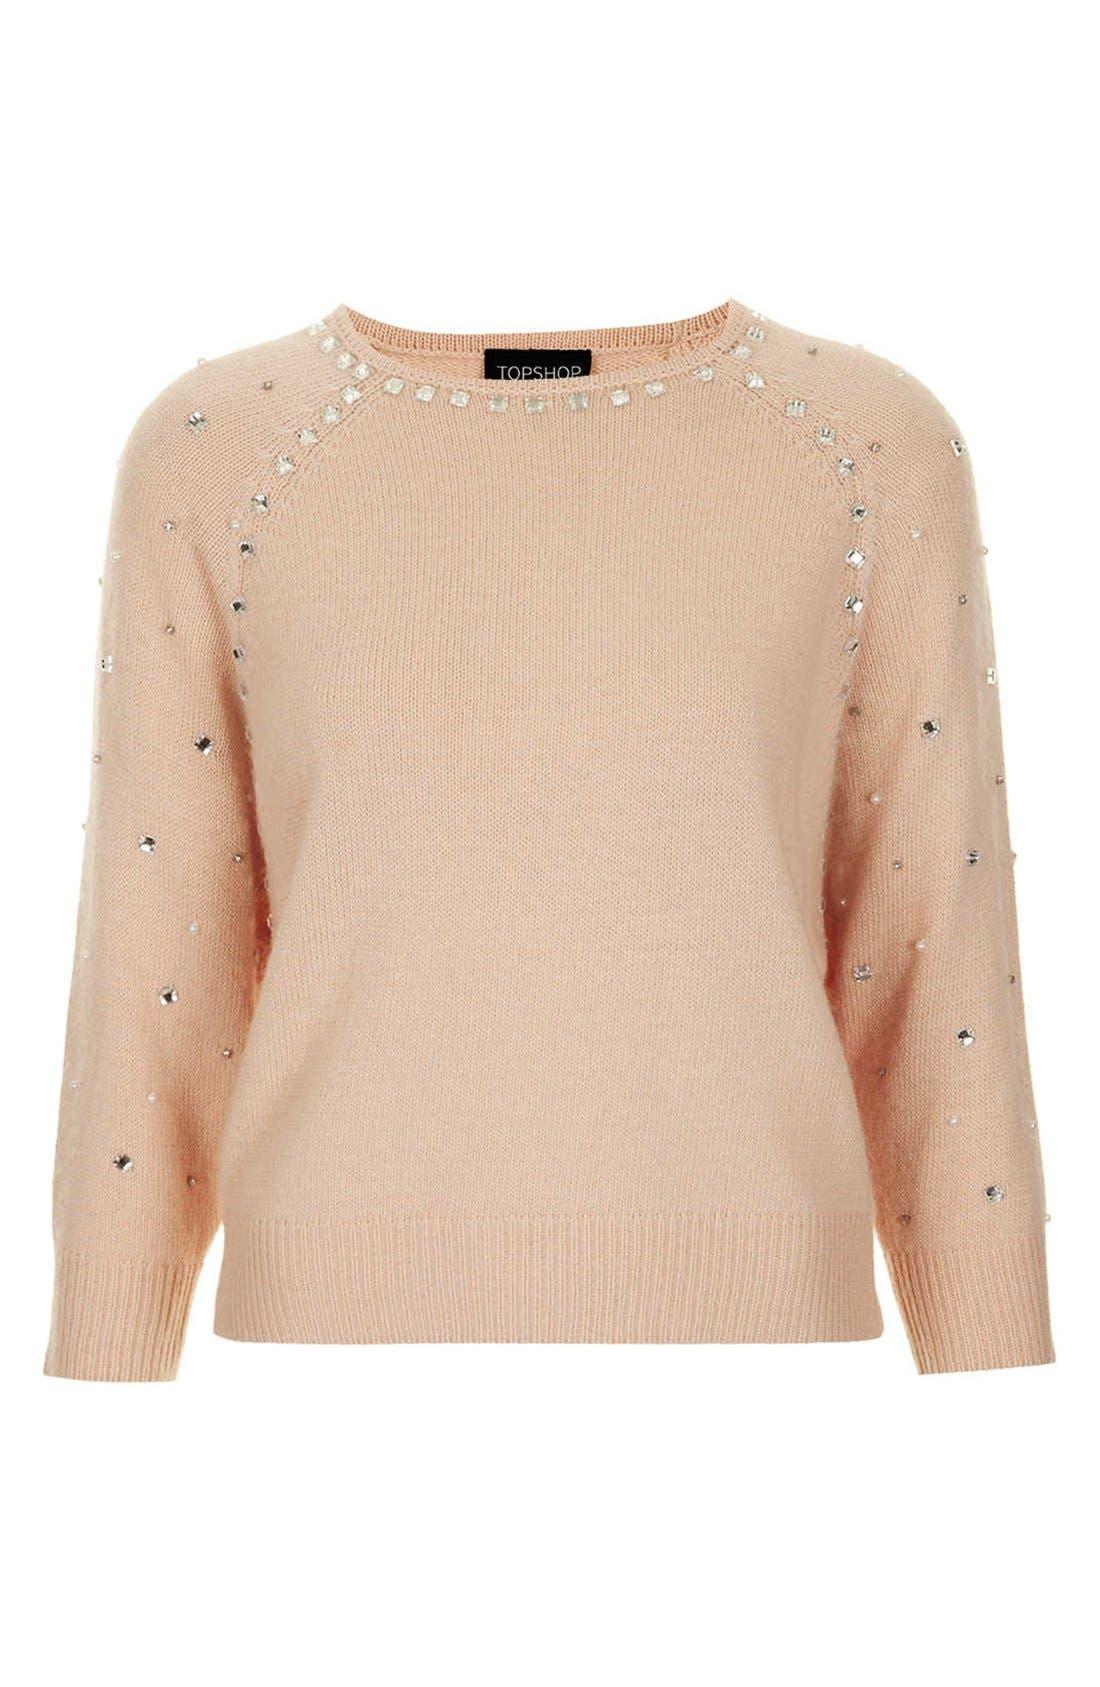 Alternate Image 3  - Topshop Embellished Sweater